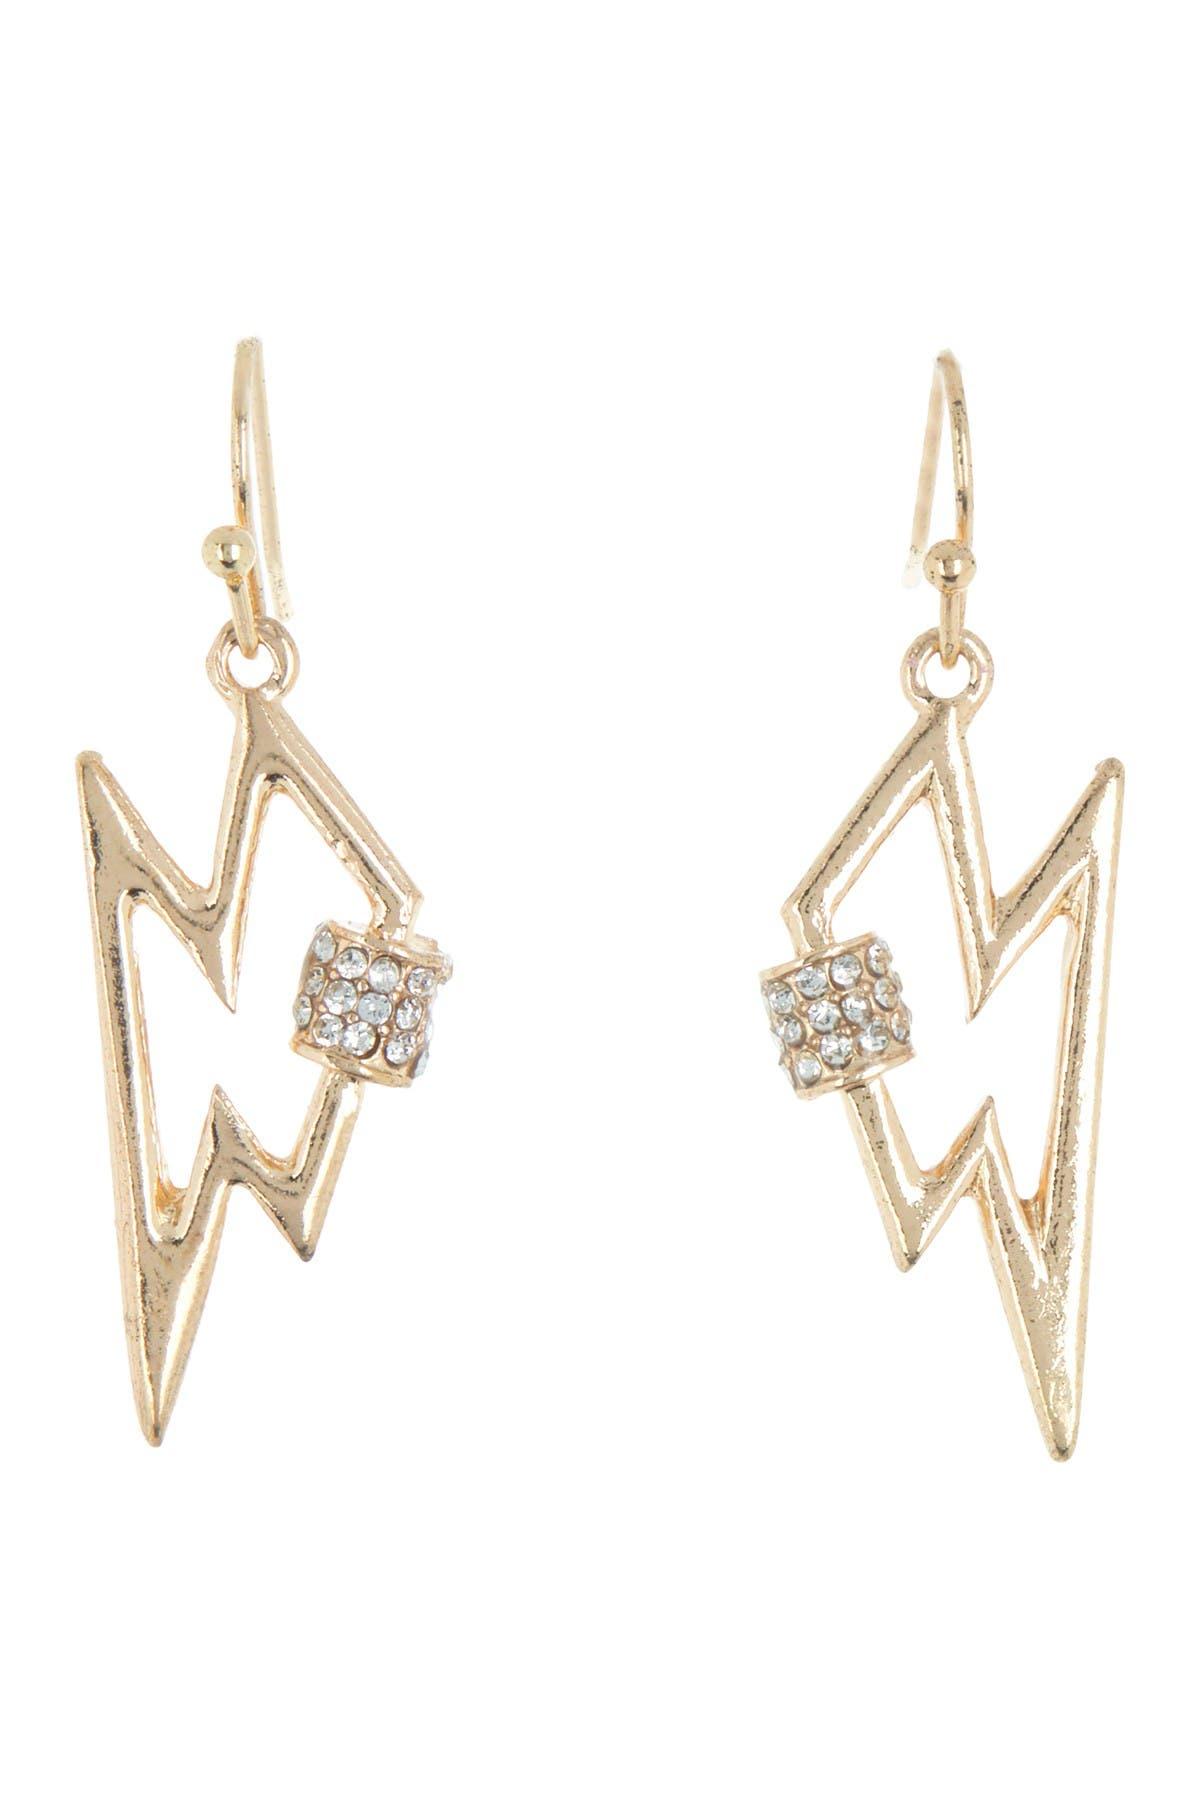 Image of AREA STARS Mini Lightning Bolt Crystal Bling Earrings